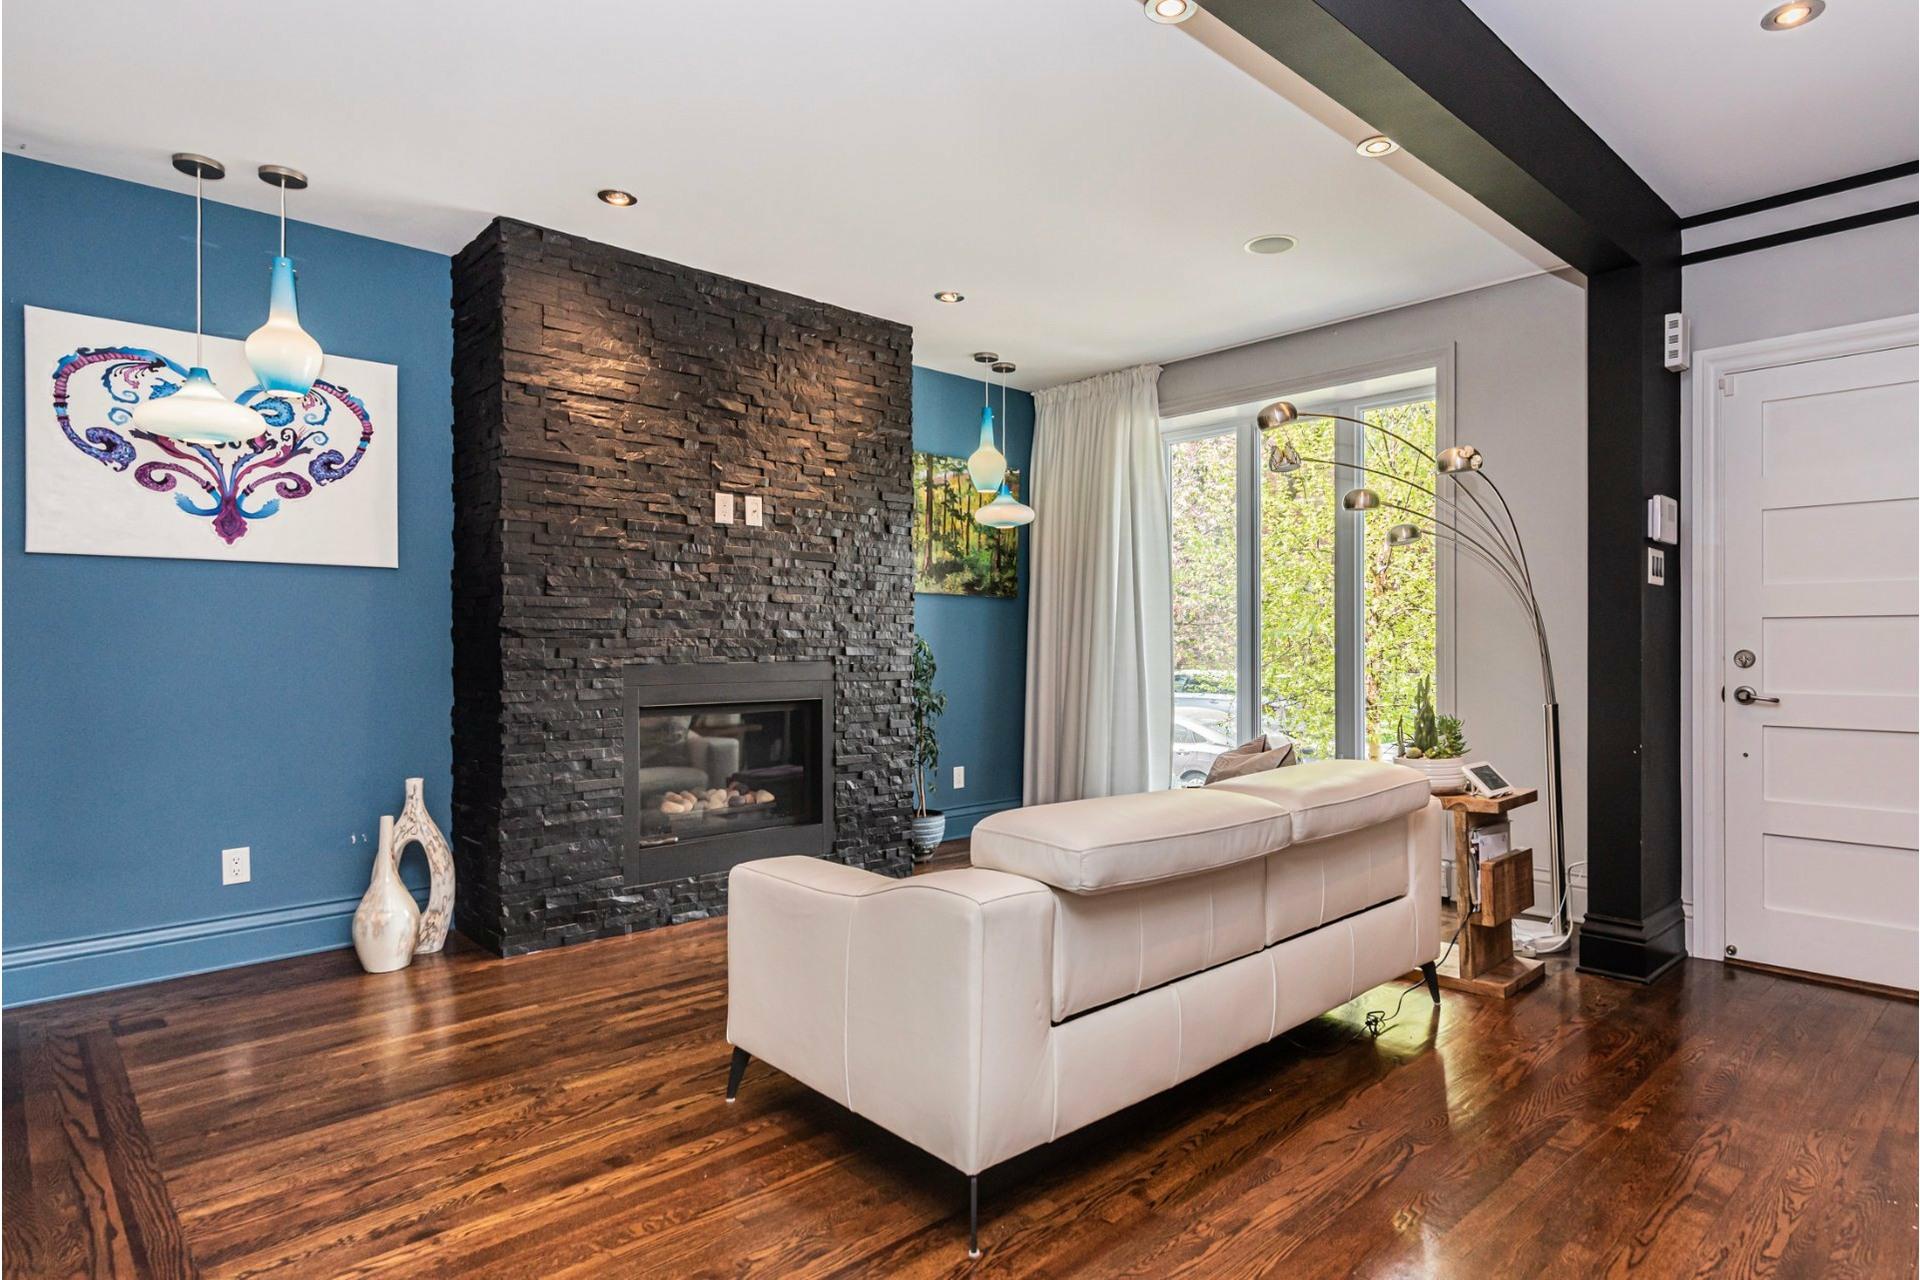 image 3 - Appartement À vendre Côte-des-Neiges/Notre-Dame-de-Grâce Montréal  - 10 pièces